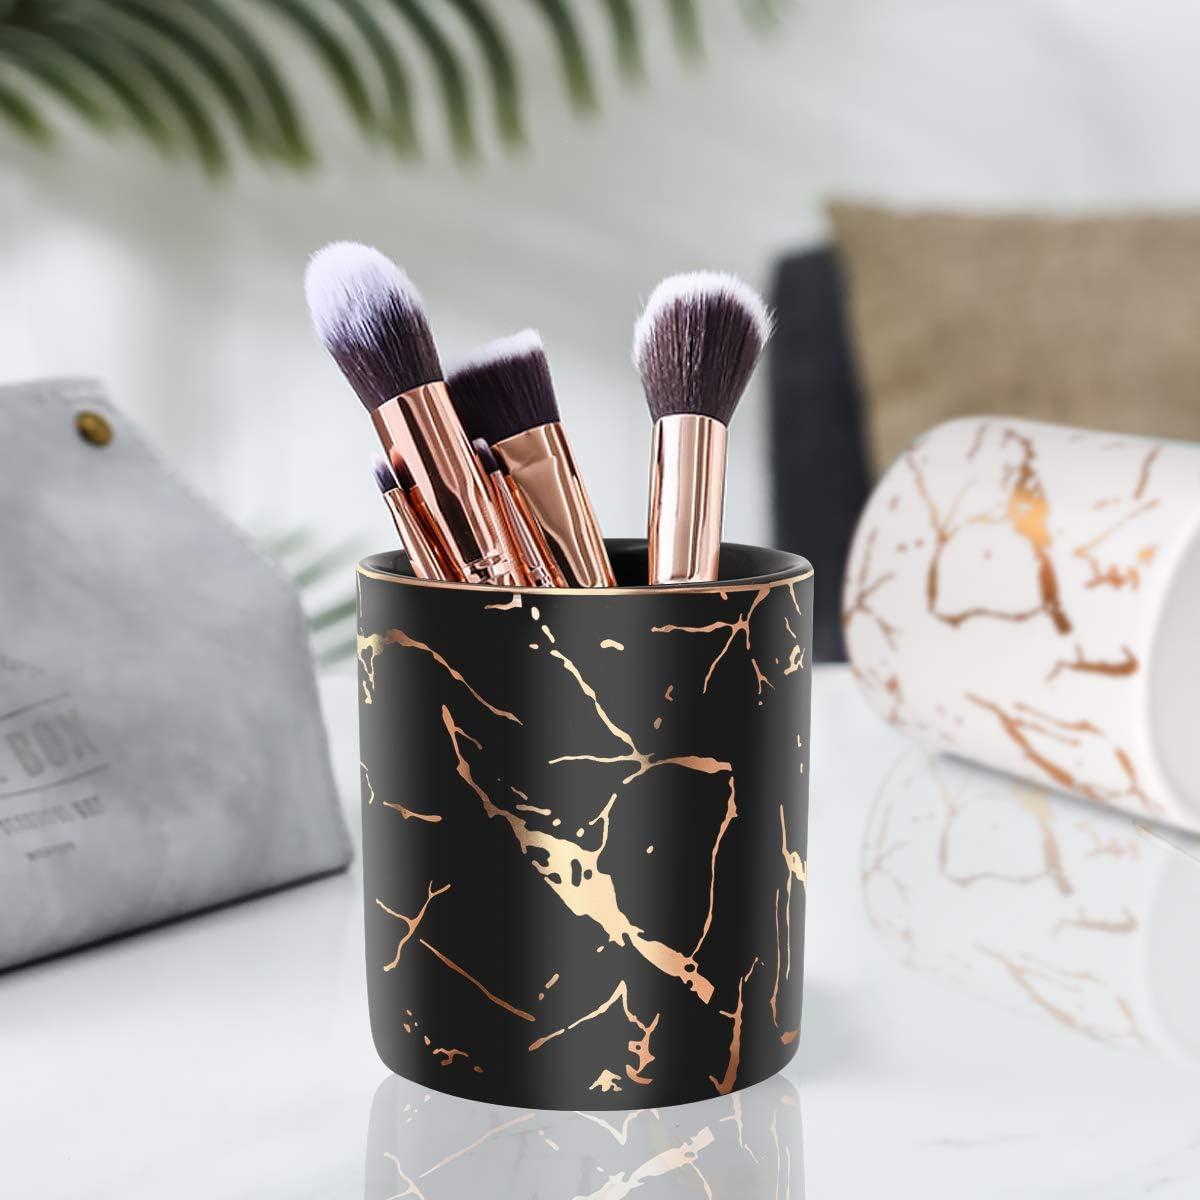 WAVEYU Pen Holder for Desk Cute Floral Makeup Brush Holder Durable Ceramic Flower Design Desk Pencil Organizer Ideal Gift for Office Black Classroom Pencil Cup Holder for Desk